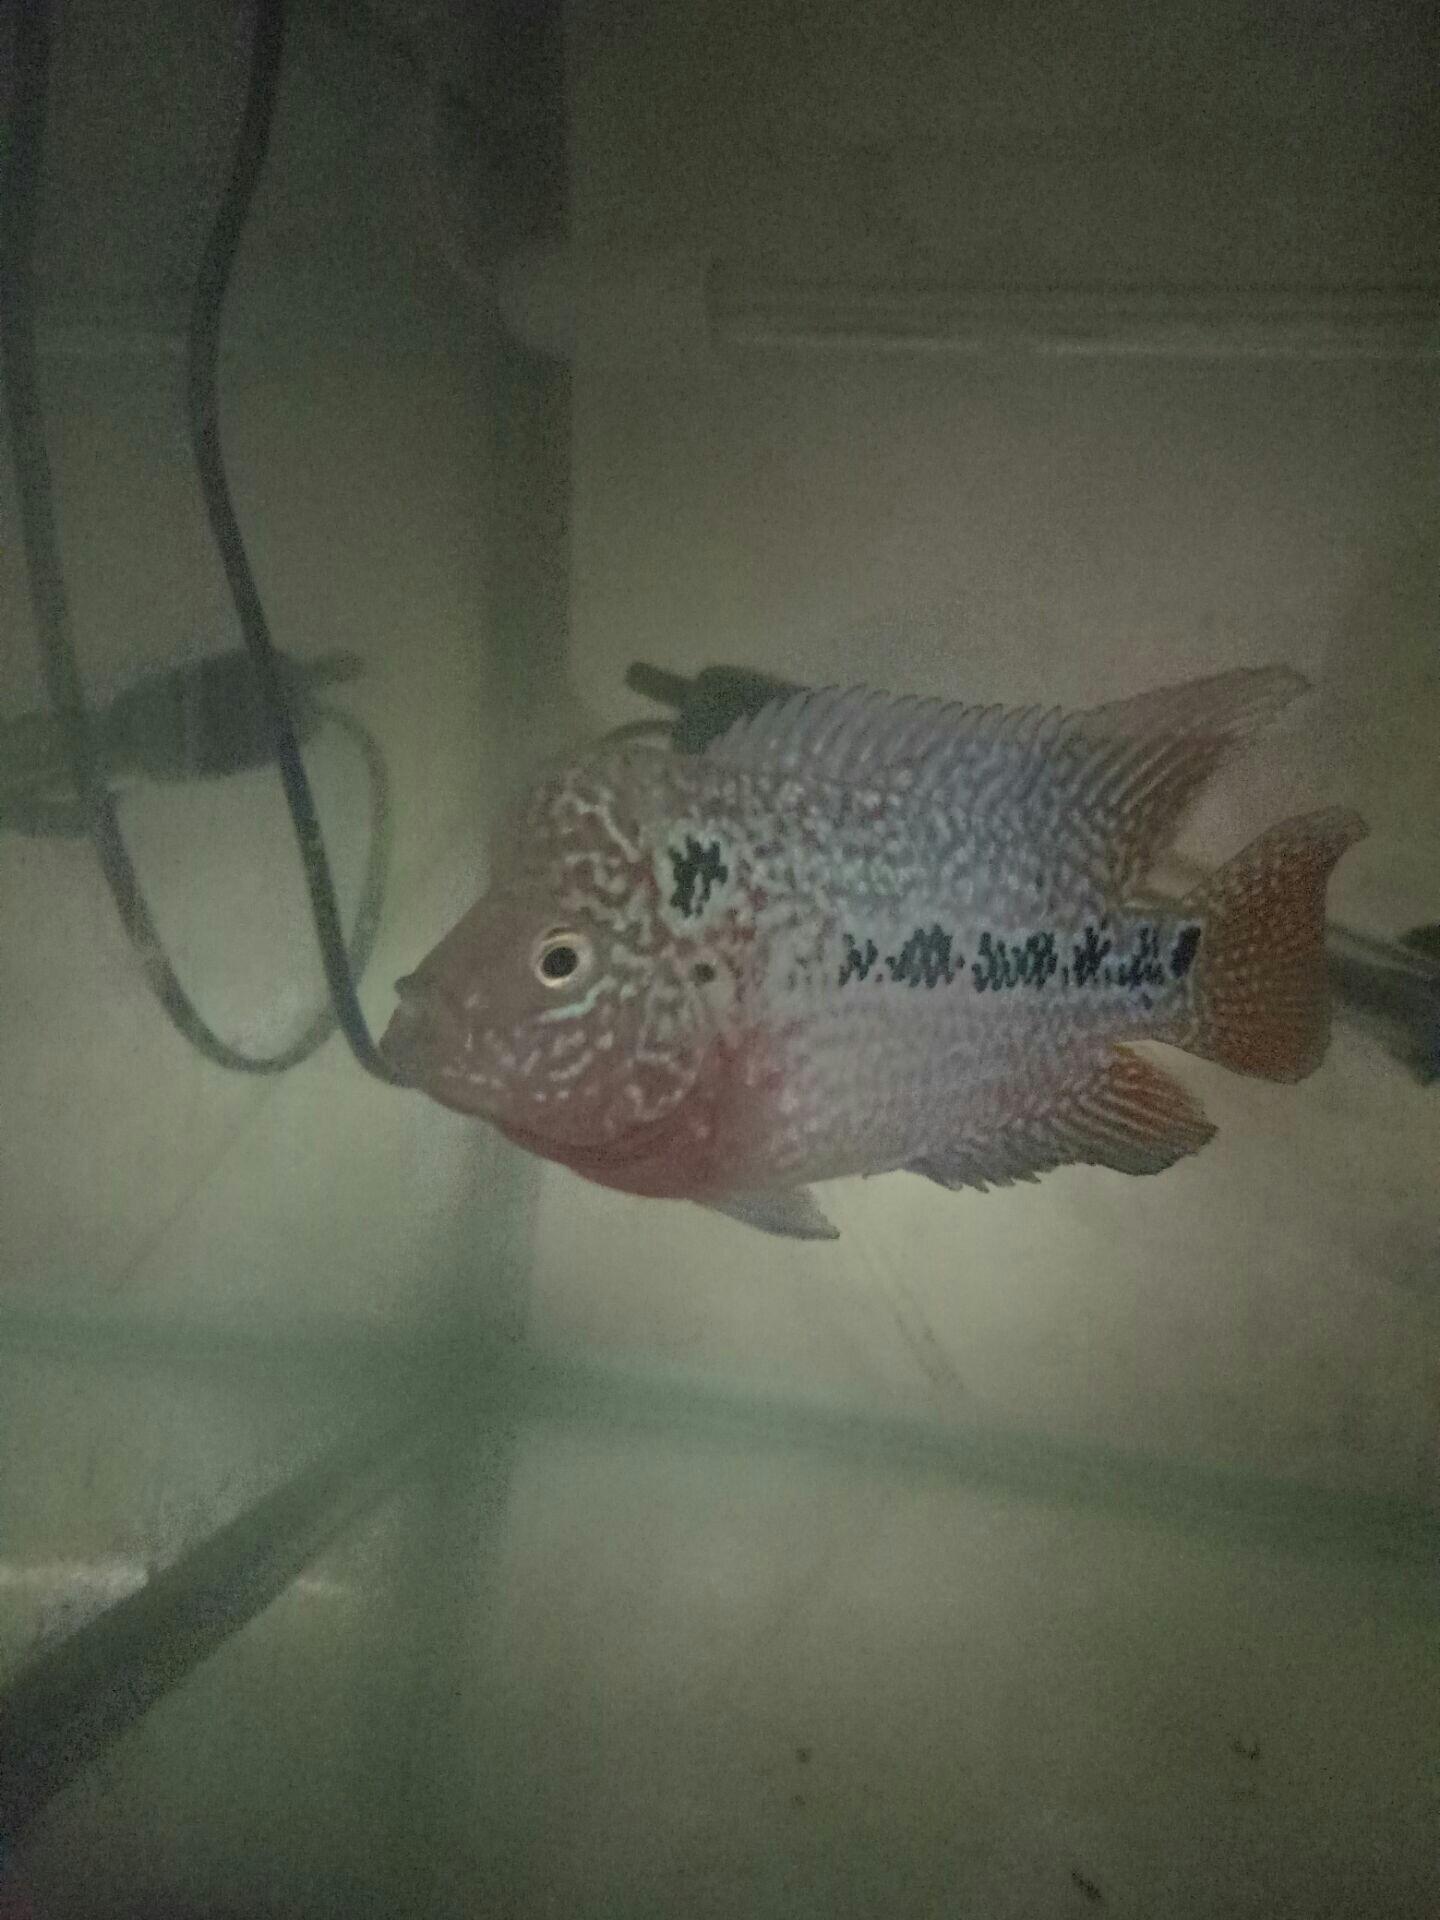 【西安三纹虎】试一下绿水养罗汉效果咋样 西安观赏鱼信息 西安博特第3张